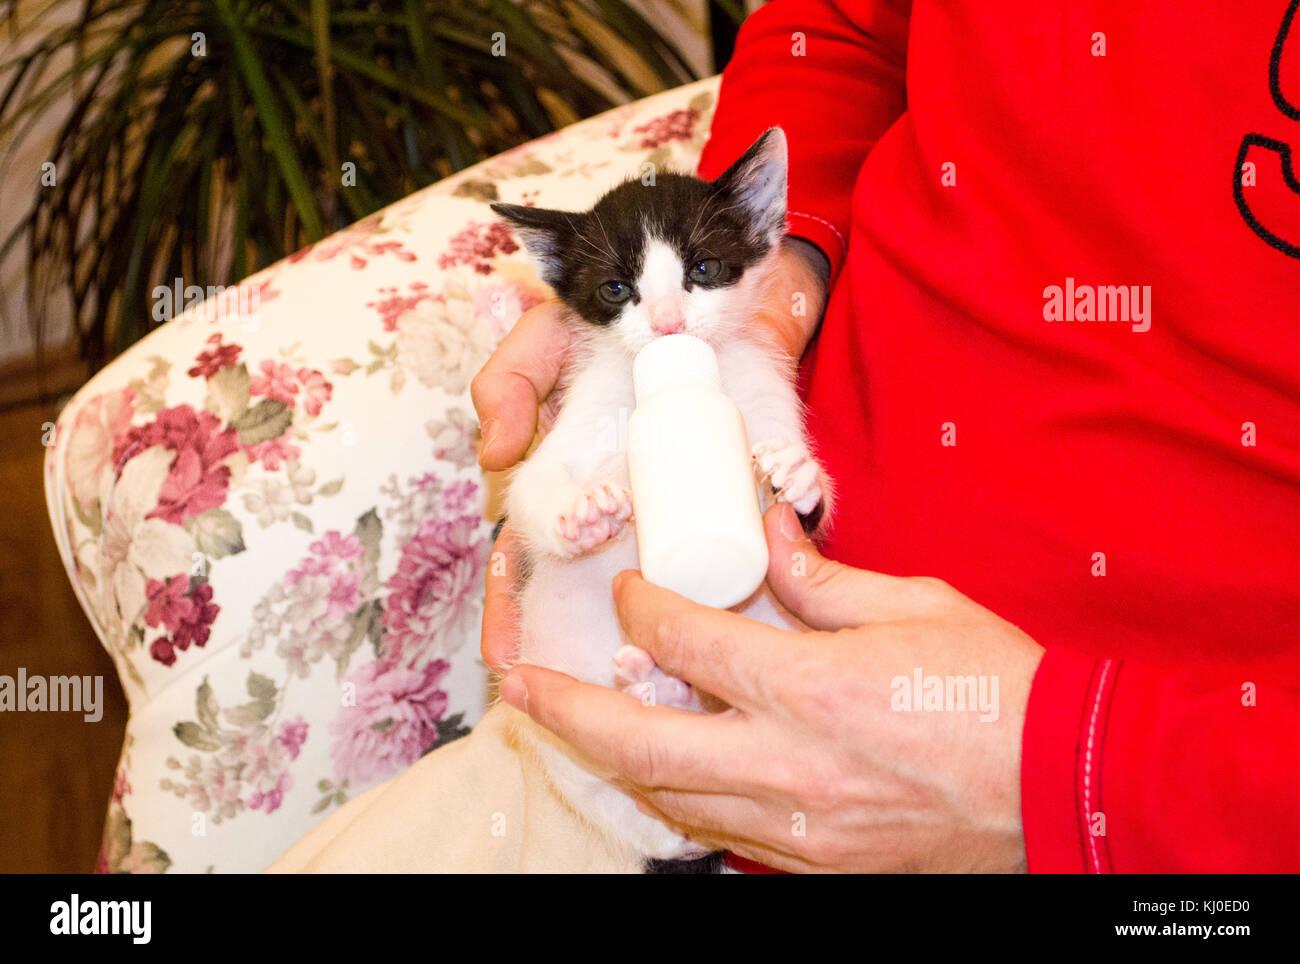 Alimentación humana lindo gatito con un substituto de leche Foto de stock